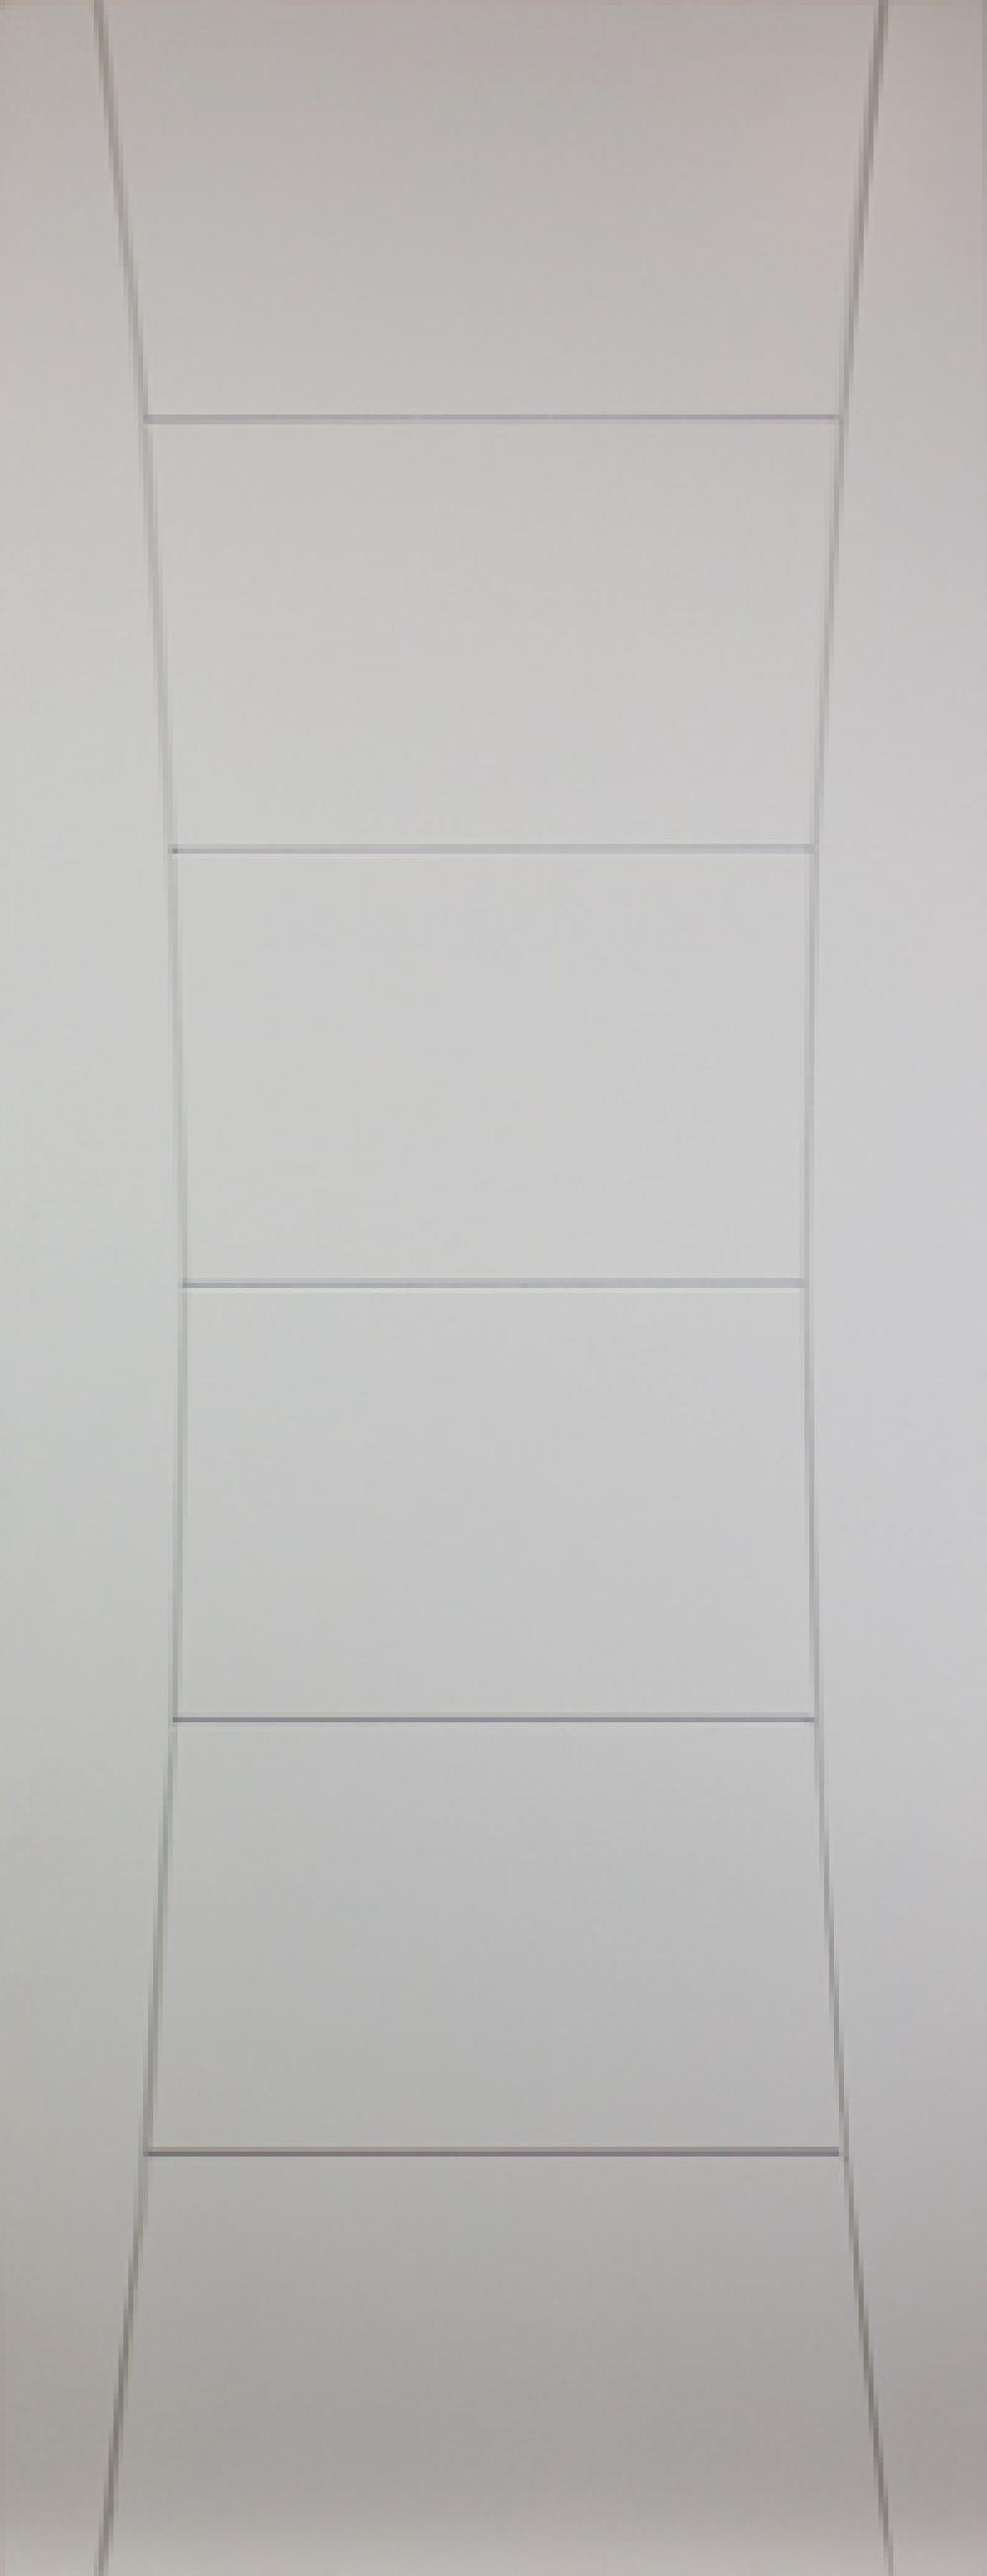 Pamplona White Image